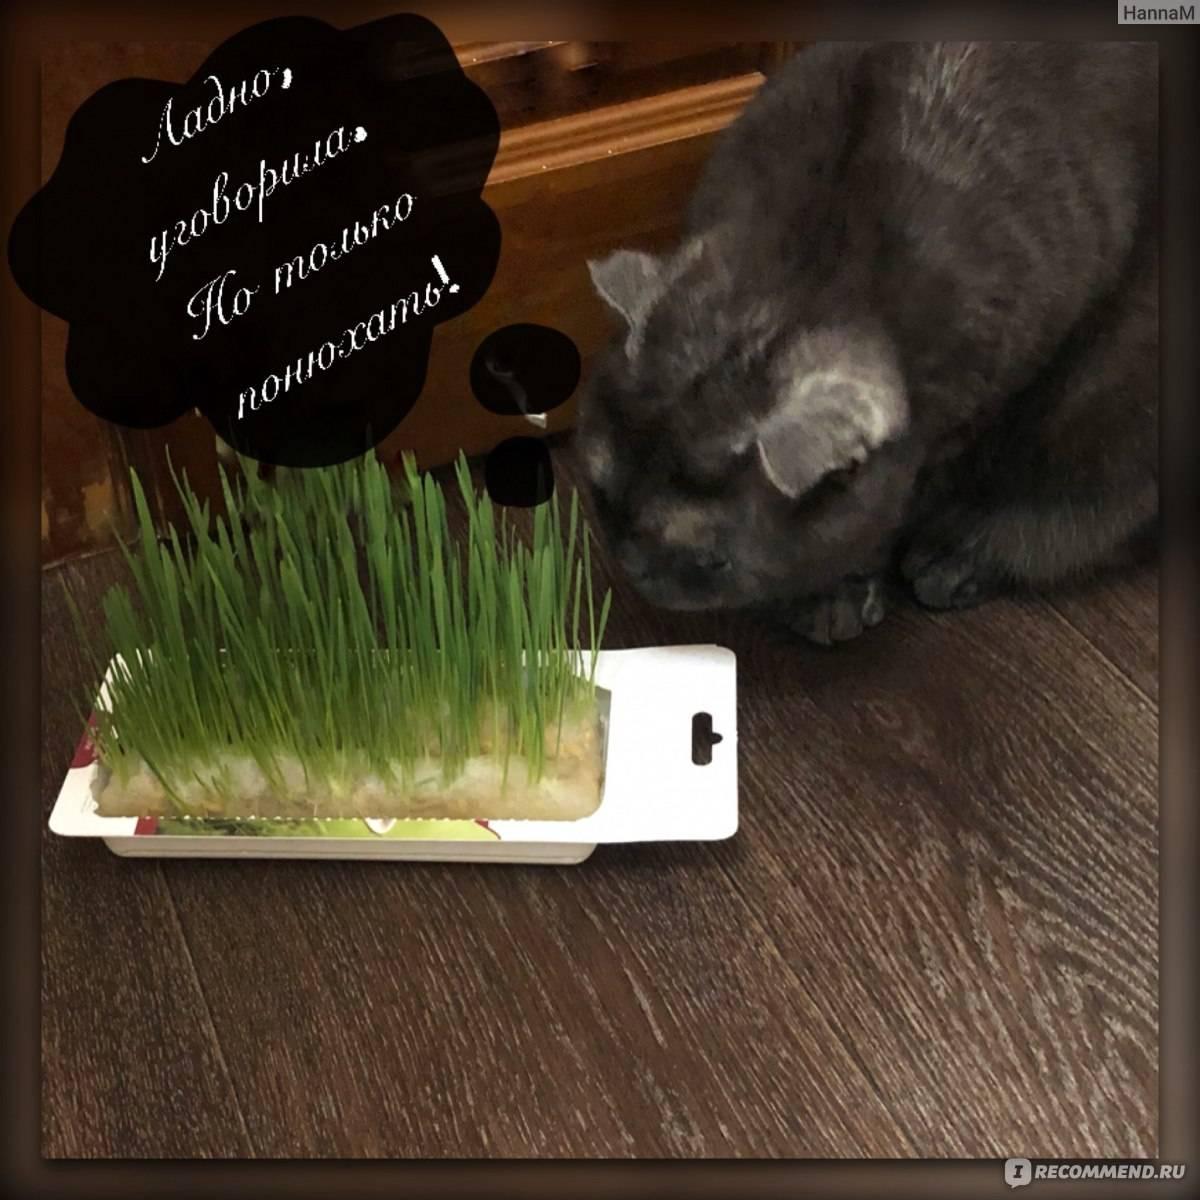 Трава для кошек: название, цена, инструкция как сажать траву с почвой и без почвы